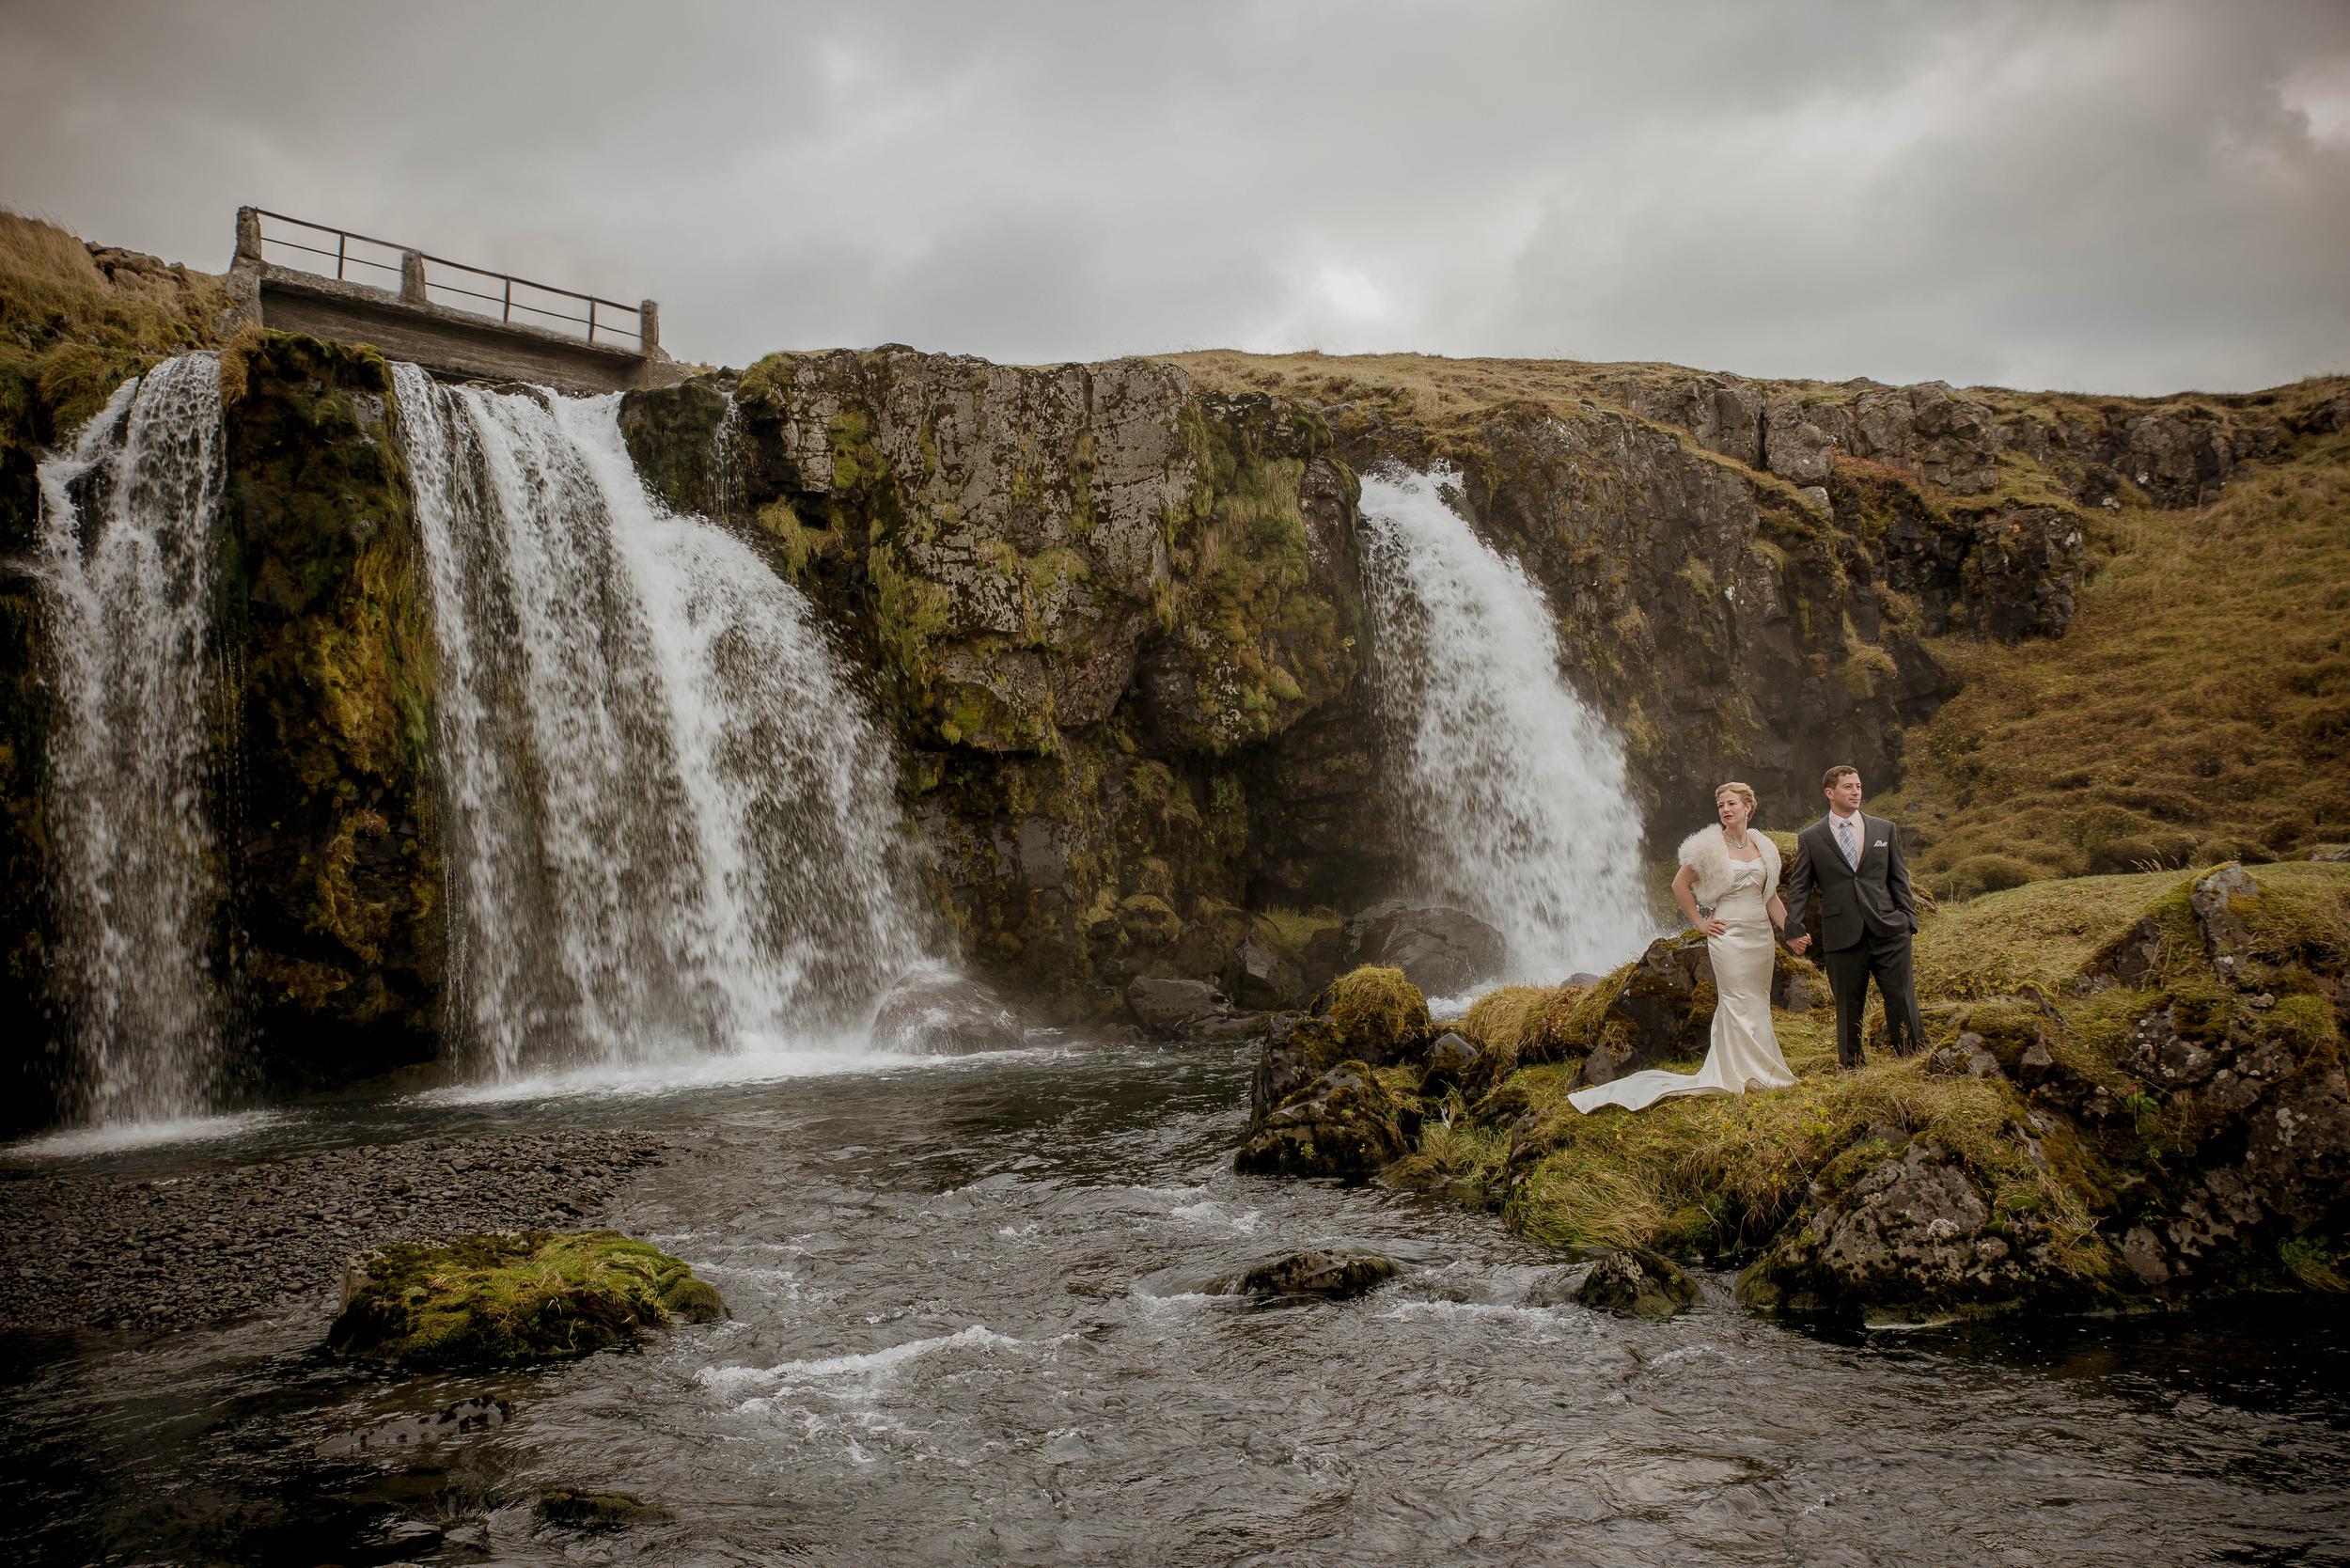 Iceland-Wedding-Photographer-Photos-by-Miss-Ann-16.jpg